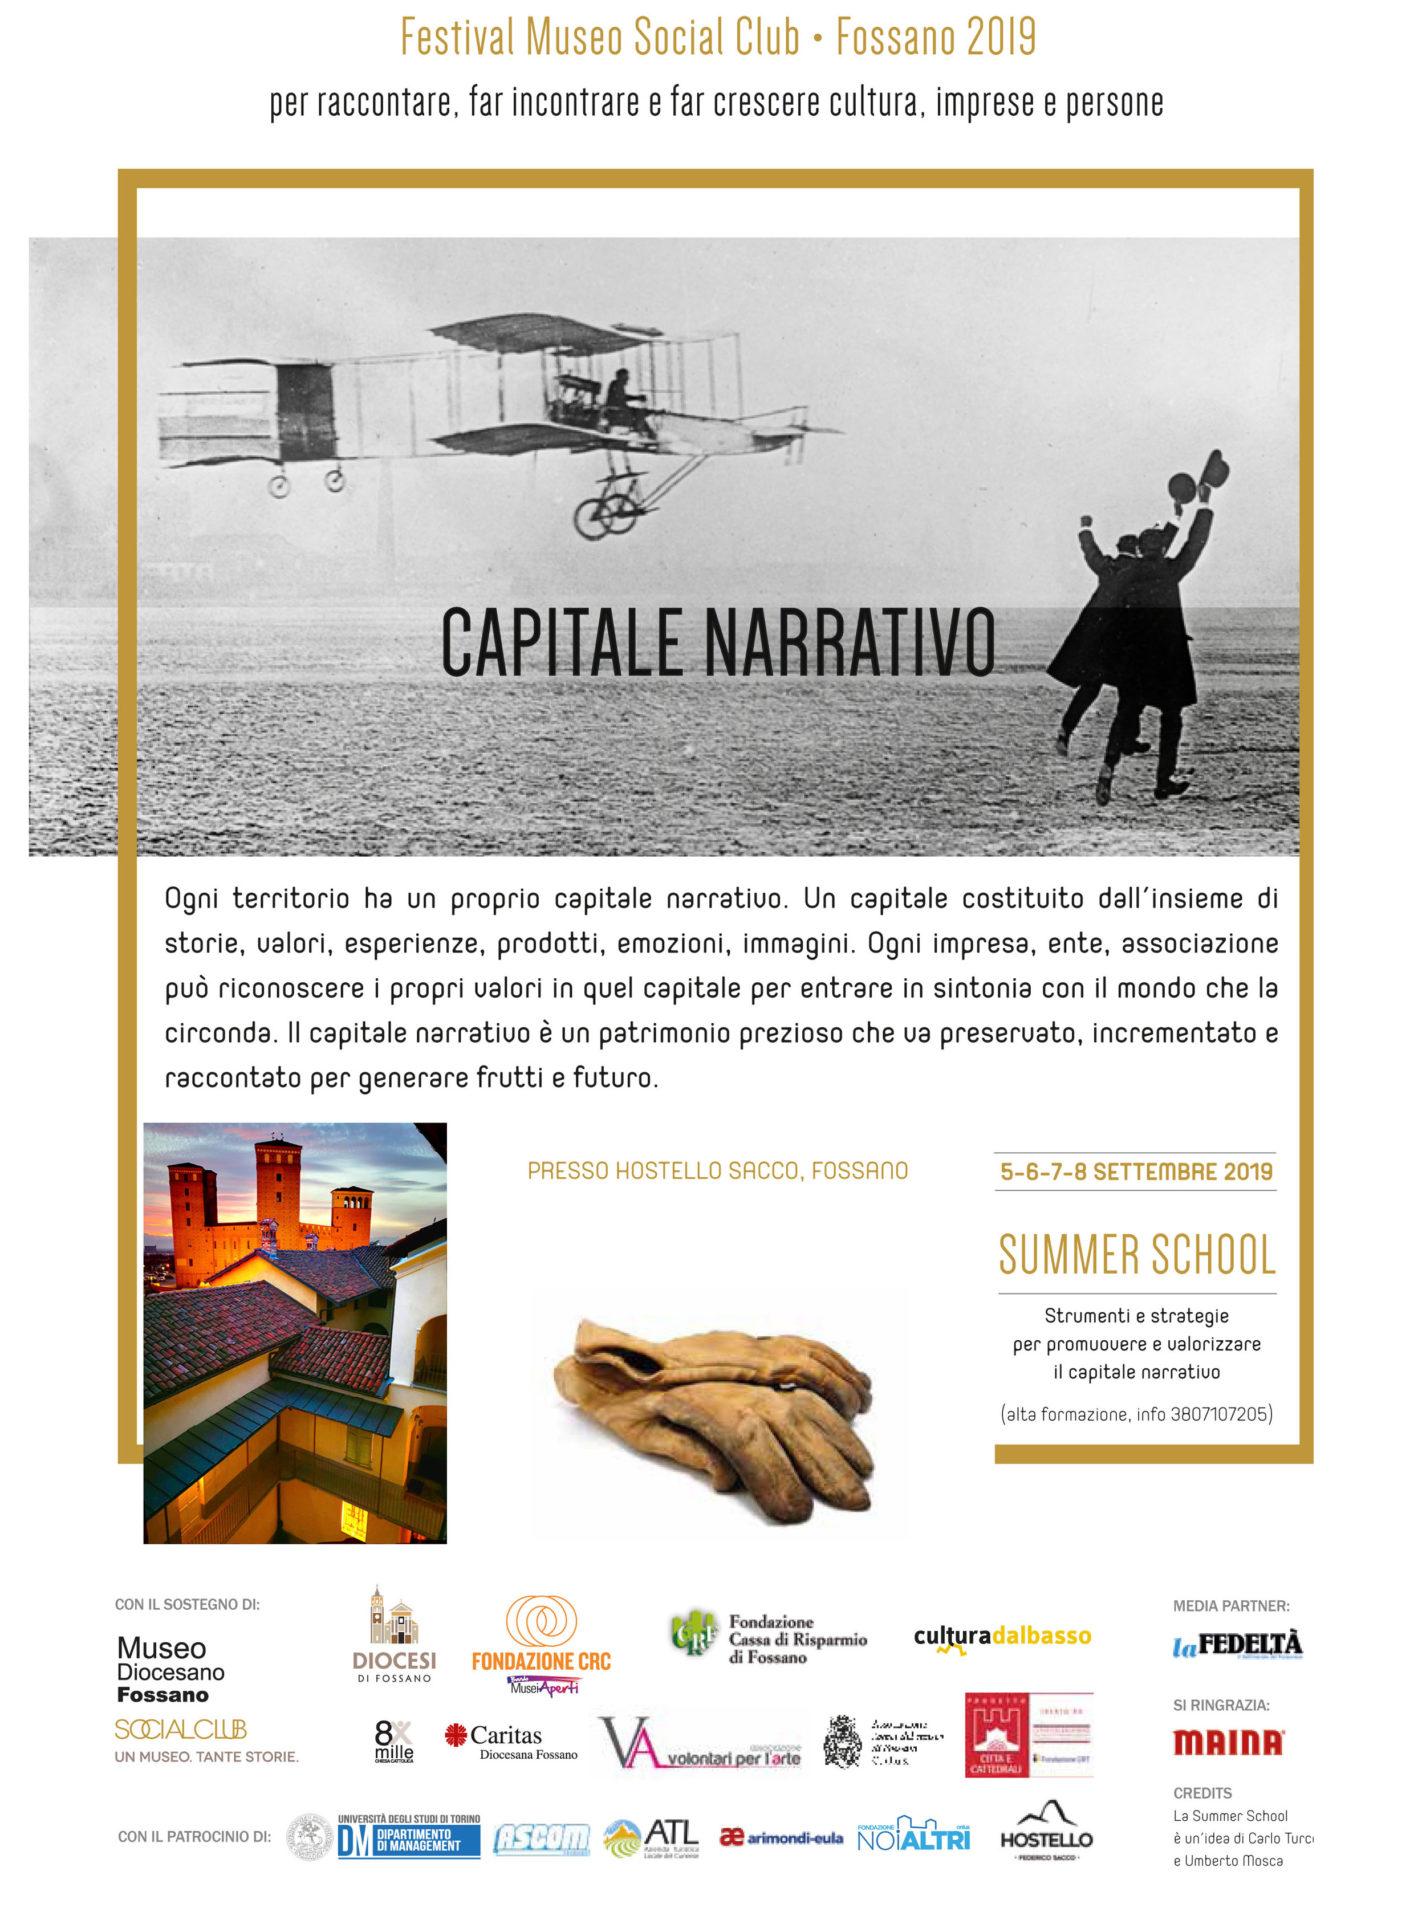 INVITO_CAPITALE NARRATIVO_festival museo 2019_MAIL